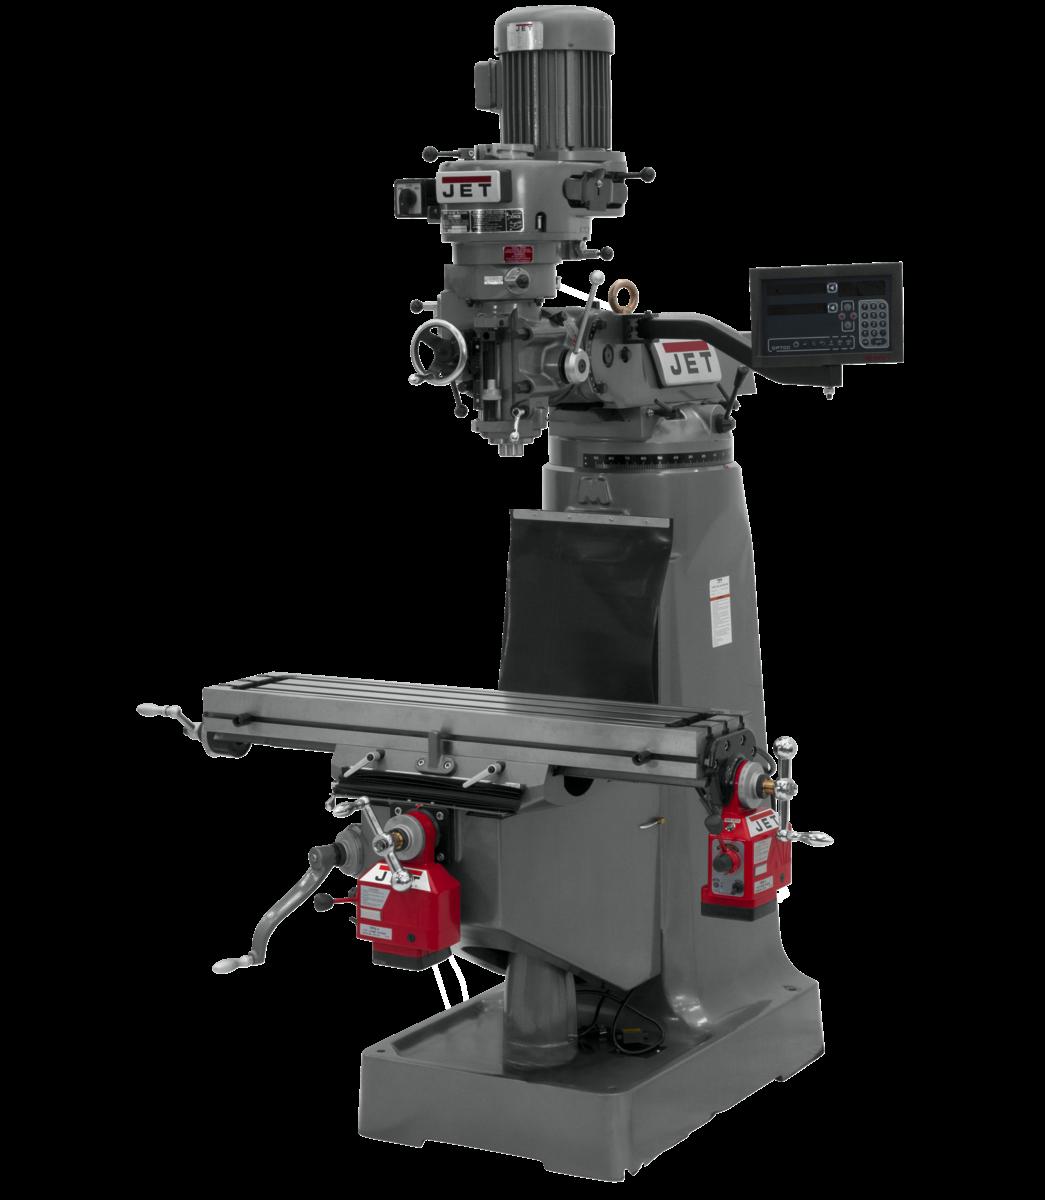 Fresadora JTM-2 con visualizador de posición digital NEWALL DP700 de 3 ejes (eje hueco) y con alimentación automática ejes X e Y instalados